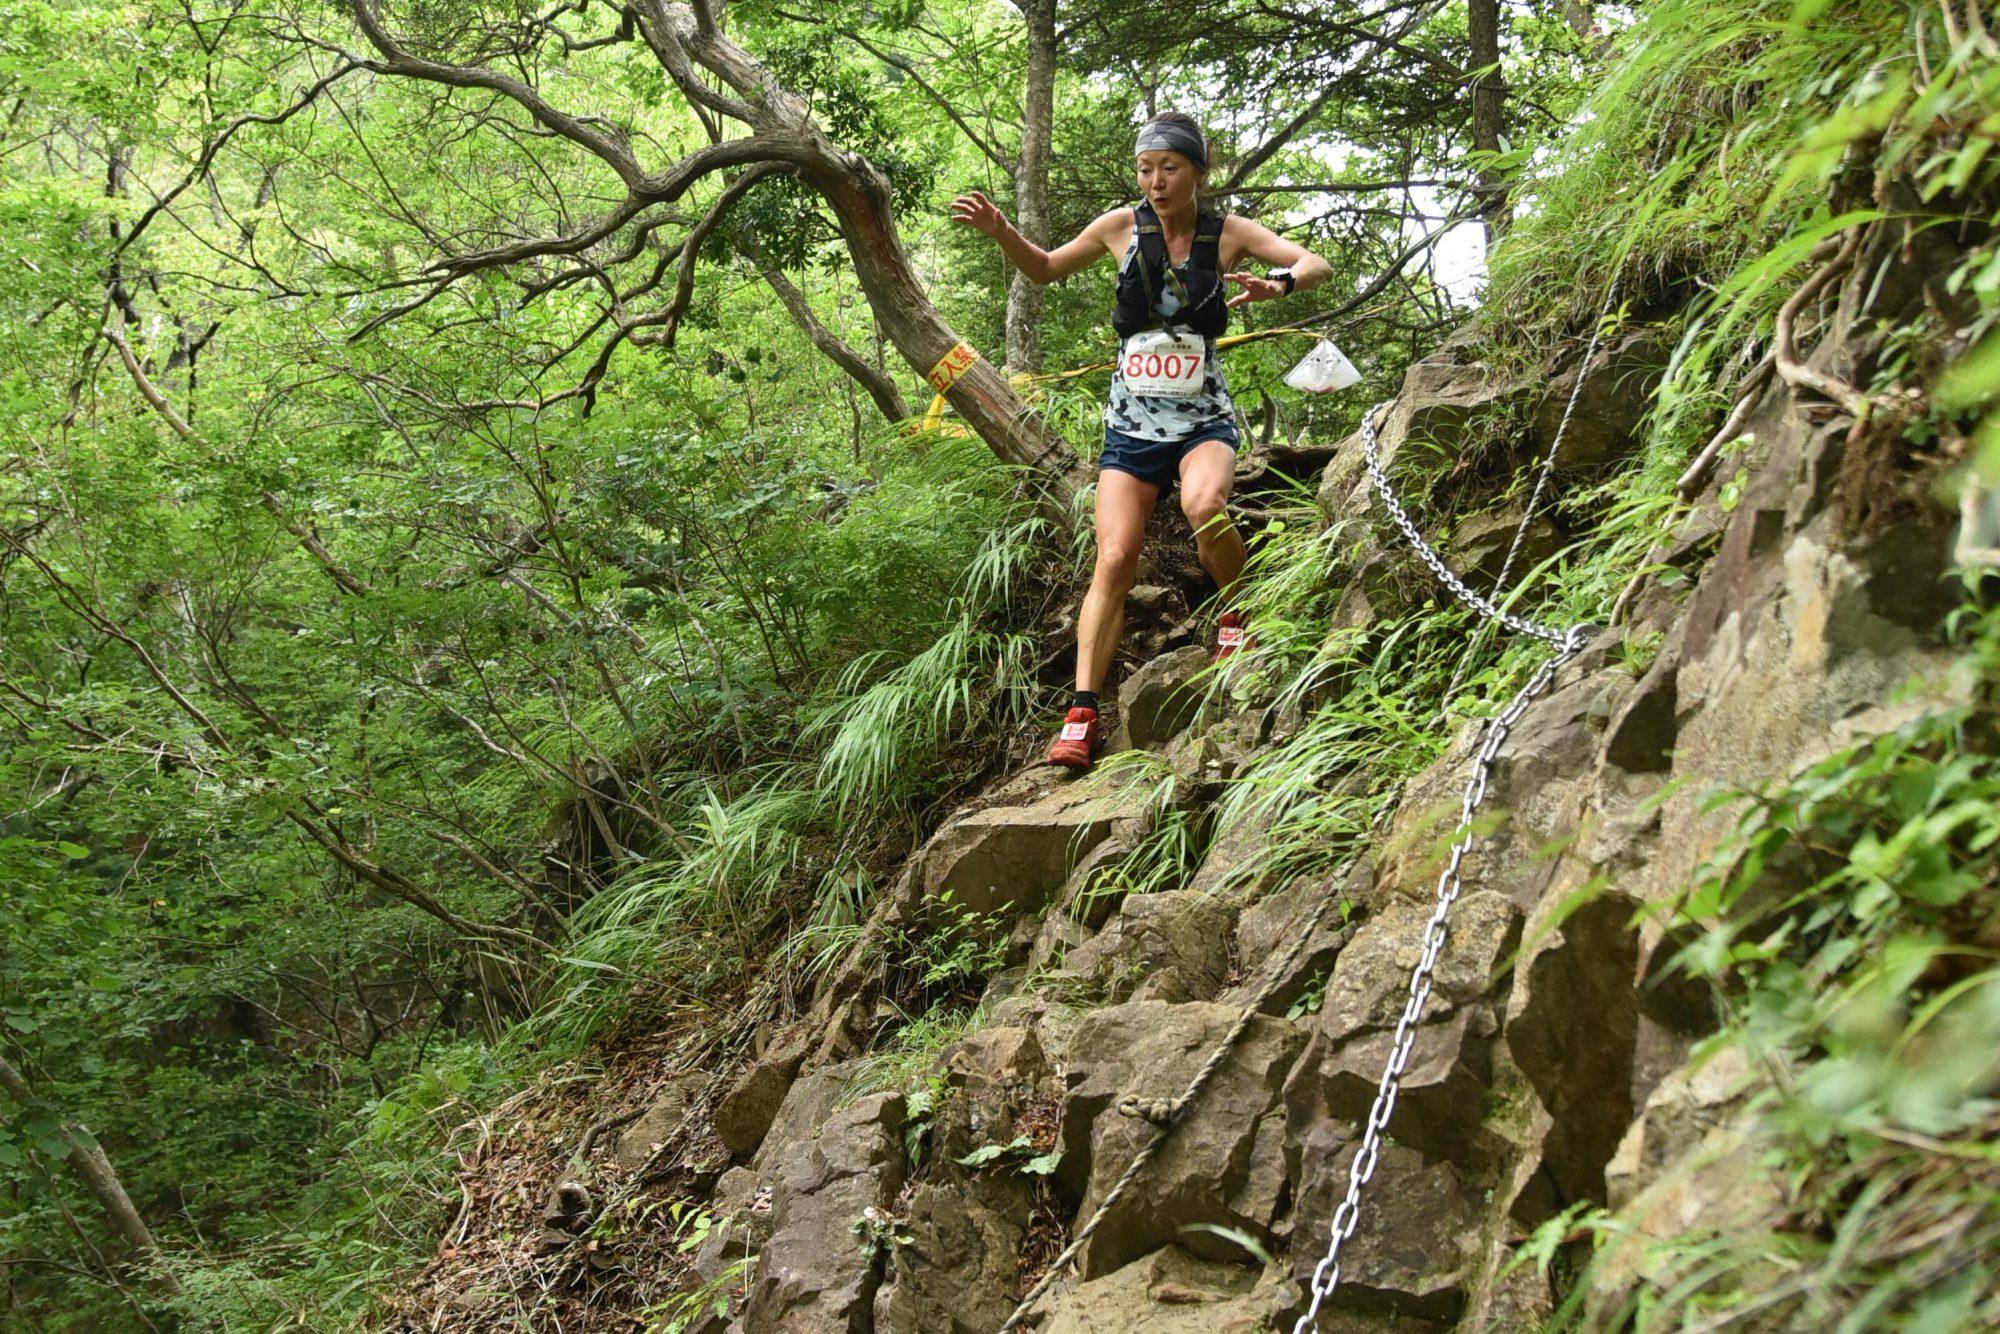 丹沢山塊北部の急峻な山岳を走破する。写真は初代関東女王に輝いた田中真紀 ©北丹沢12時間山岳耐久レース